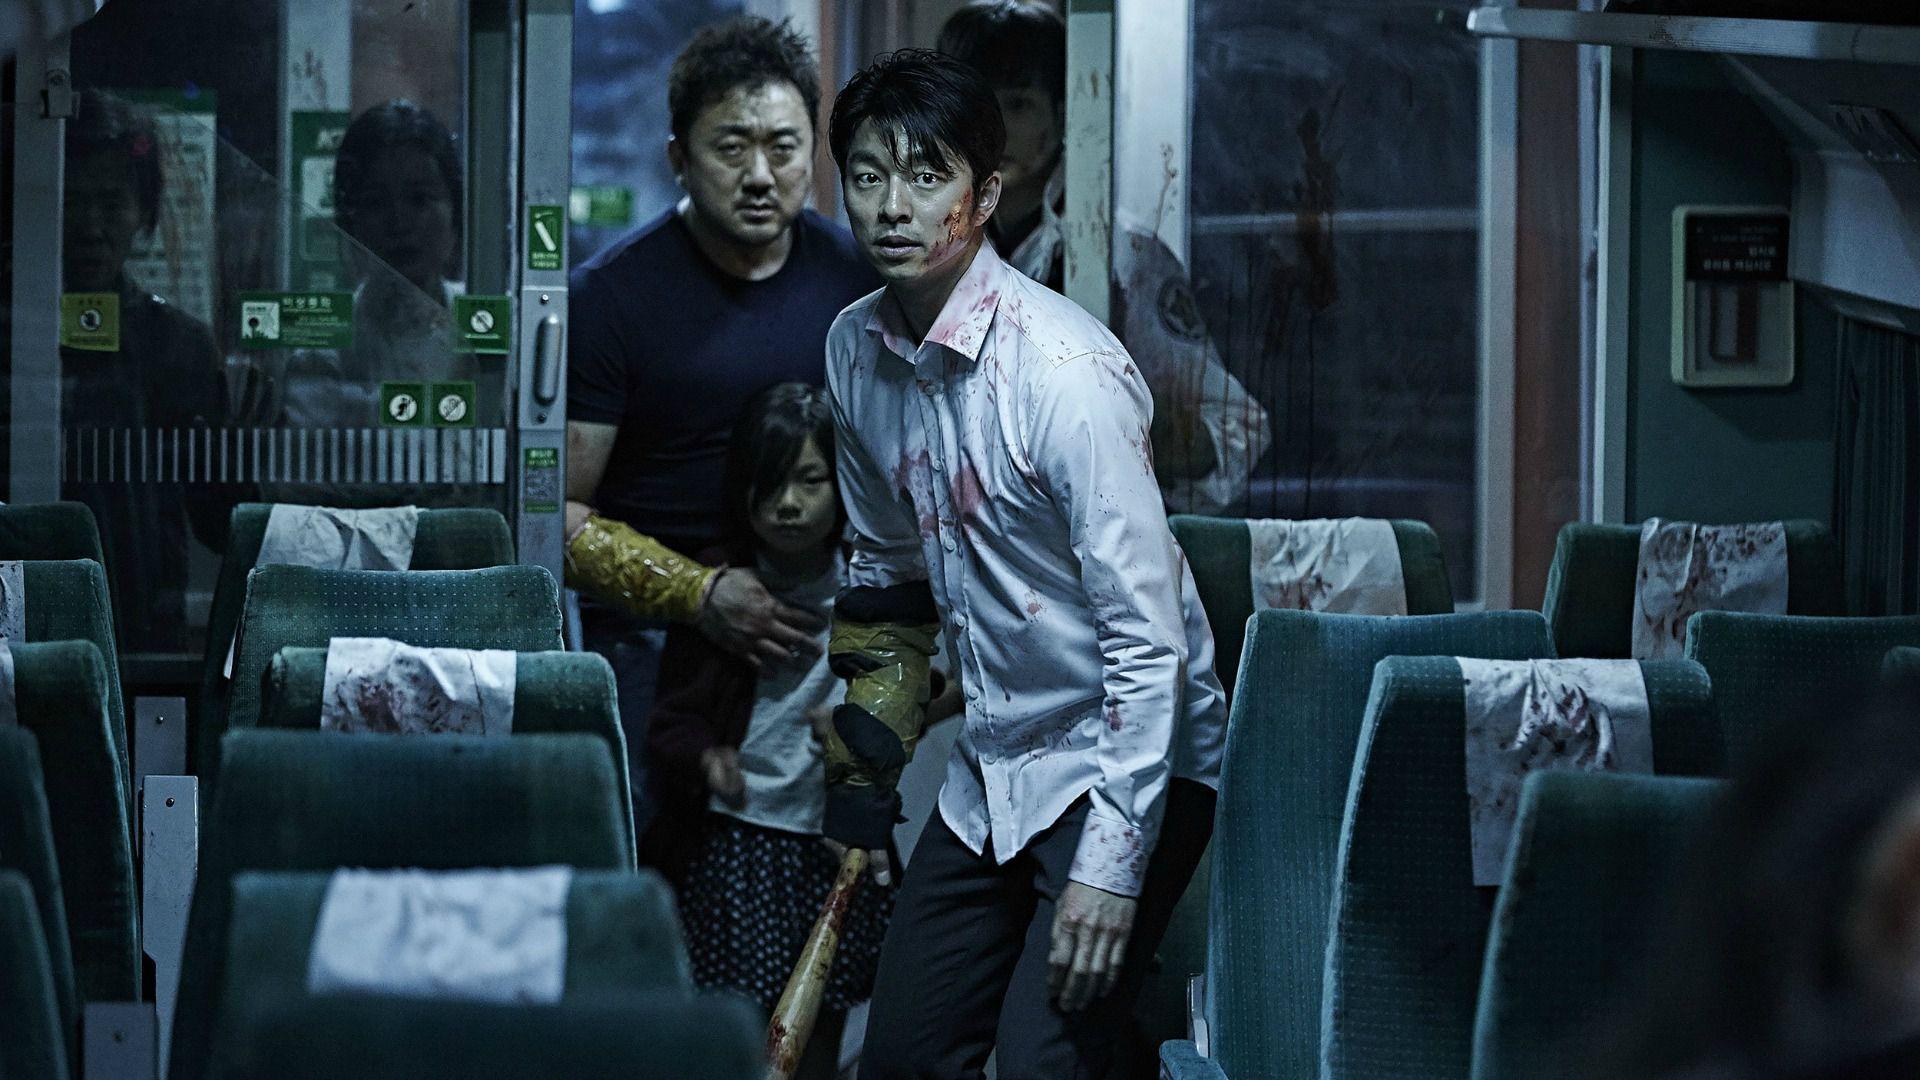 孔劉主演、風靡全球的喪屍片《屍速列車》要翻拍好萊塢版了!《厲陰宅》名導溫子仁團隊擔下重任